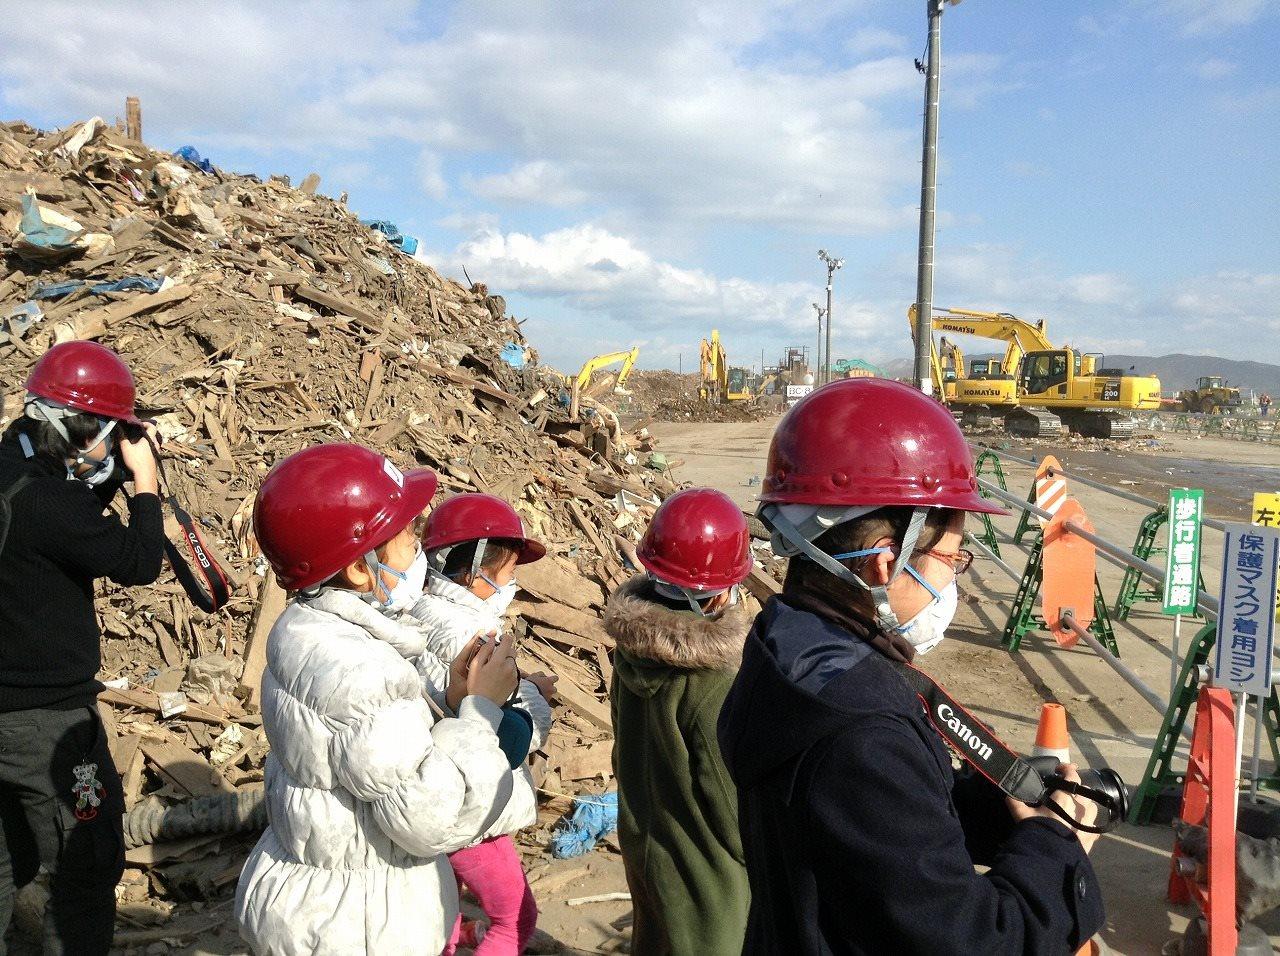 子どもの目線で震災の記憶を伝える「石巻日日こども新聞」